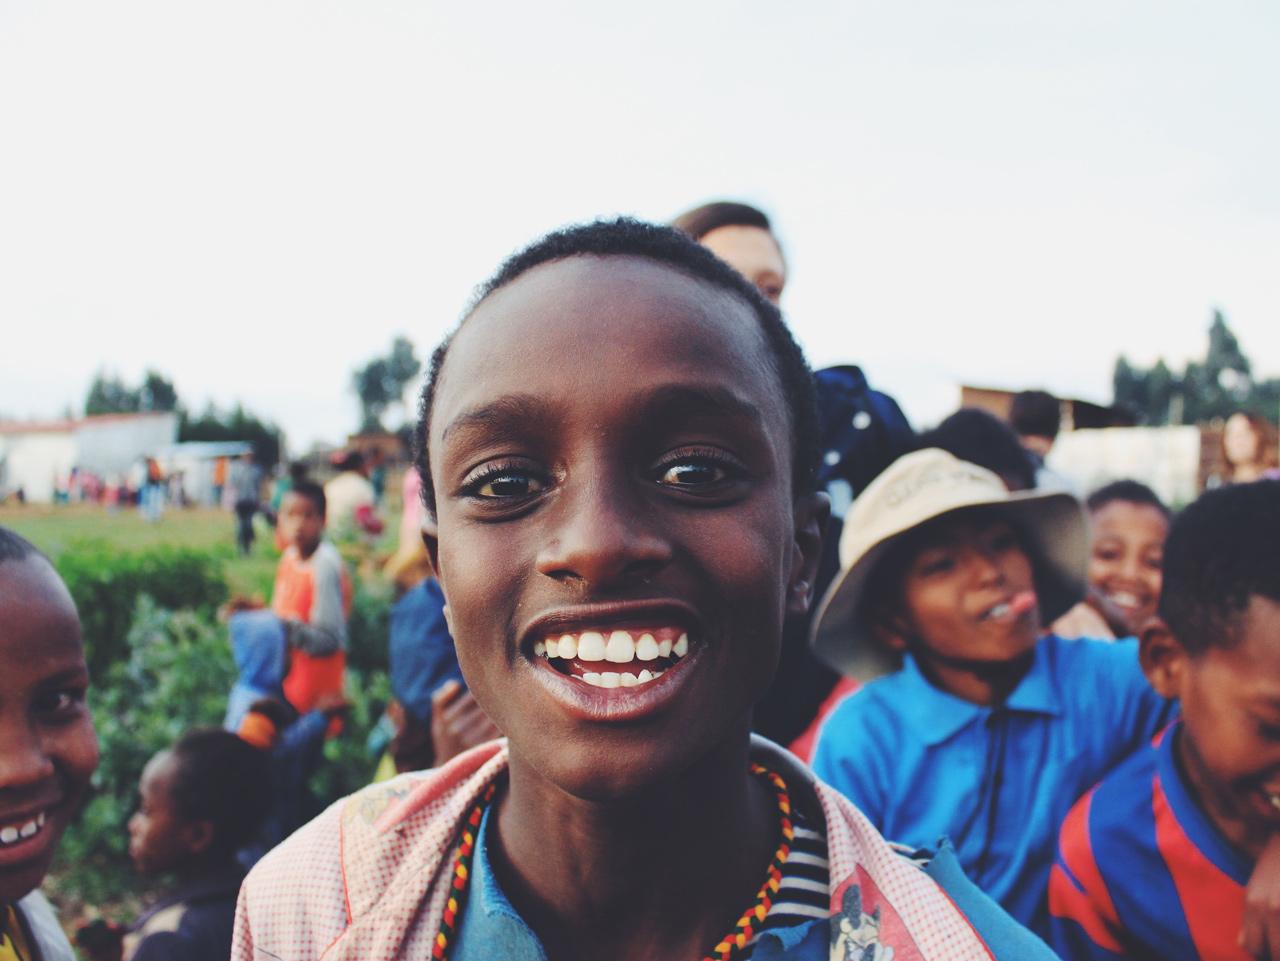 ethiopia-journals-21-crossbar.jpg